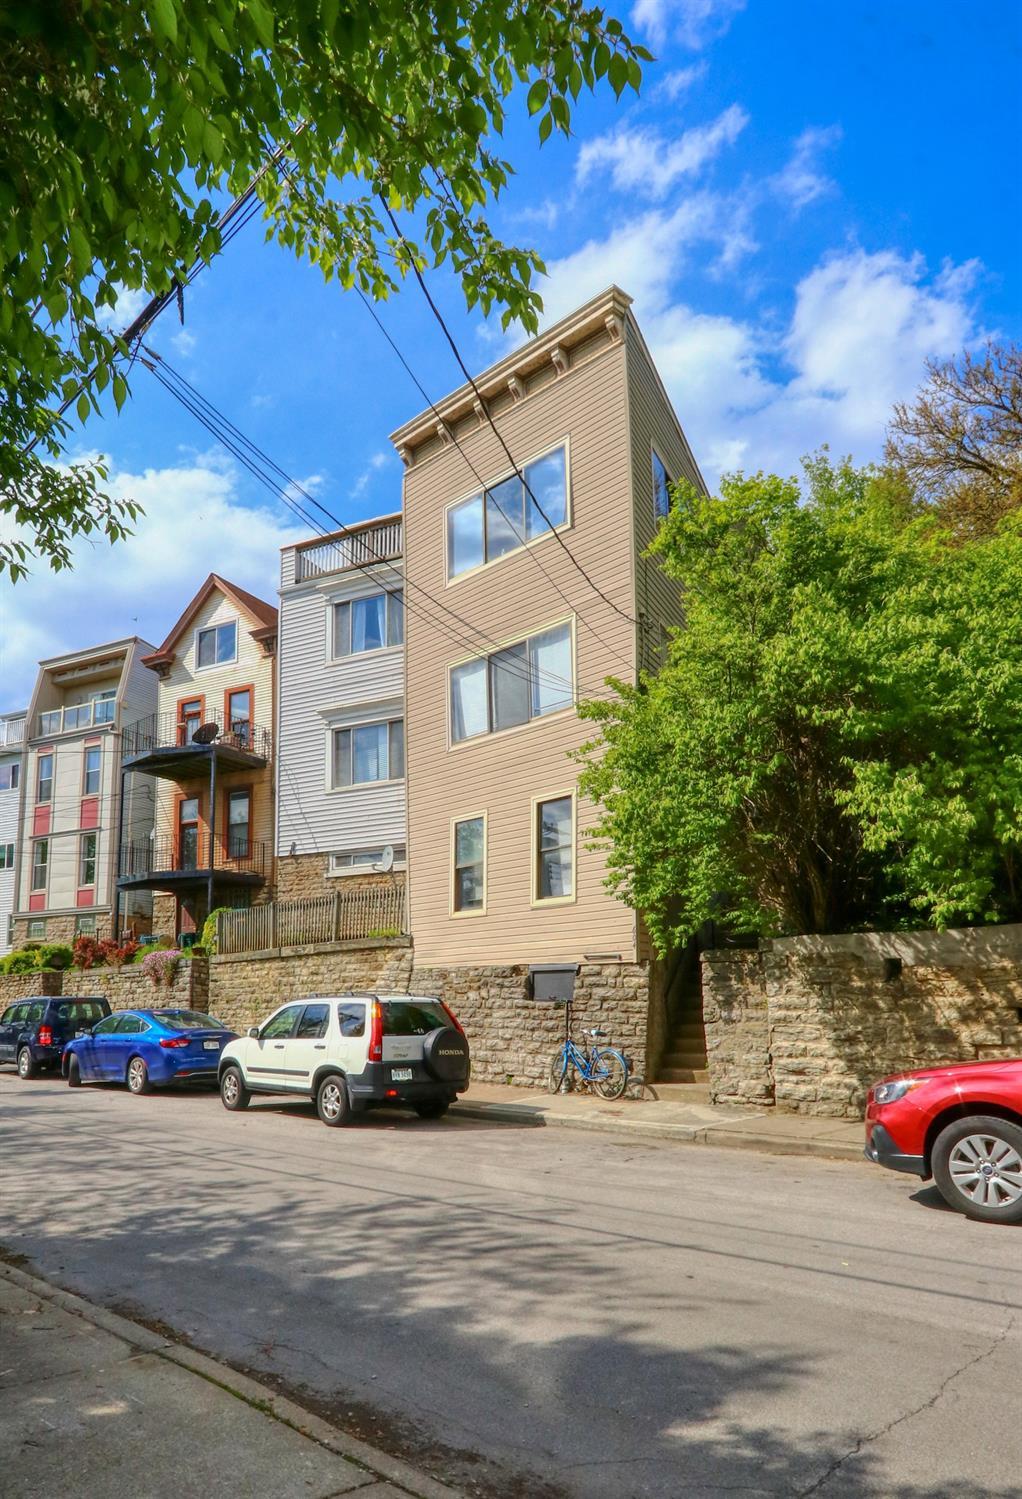 Property for sale at 604 Klotter Avenue, Cincinnati,  Ohio 45214